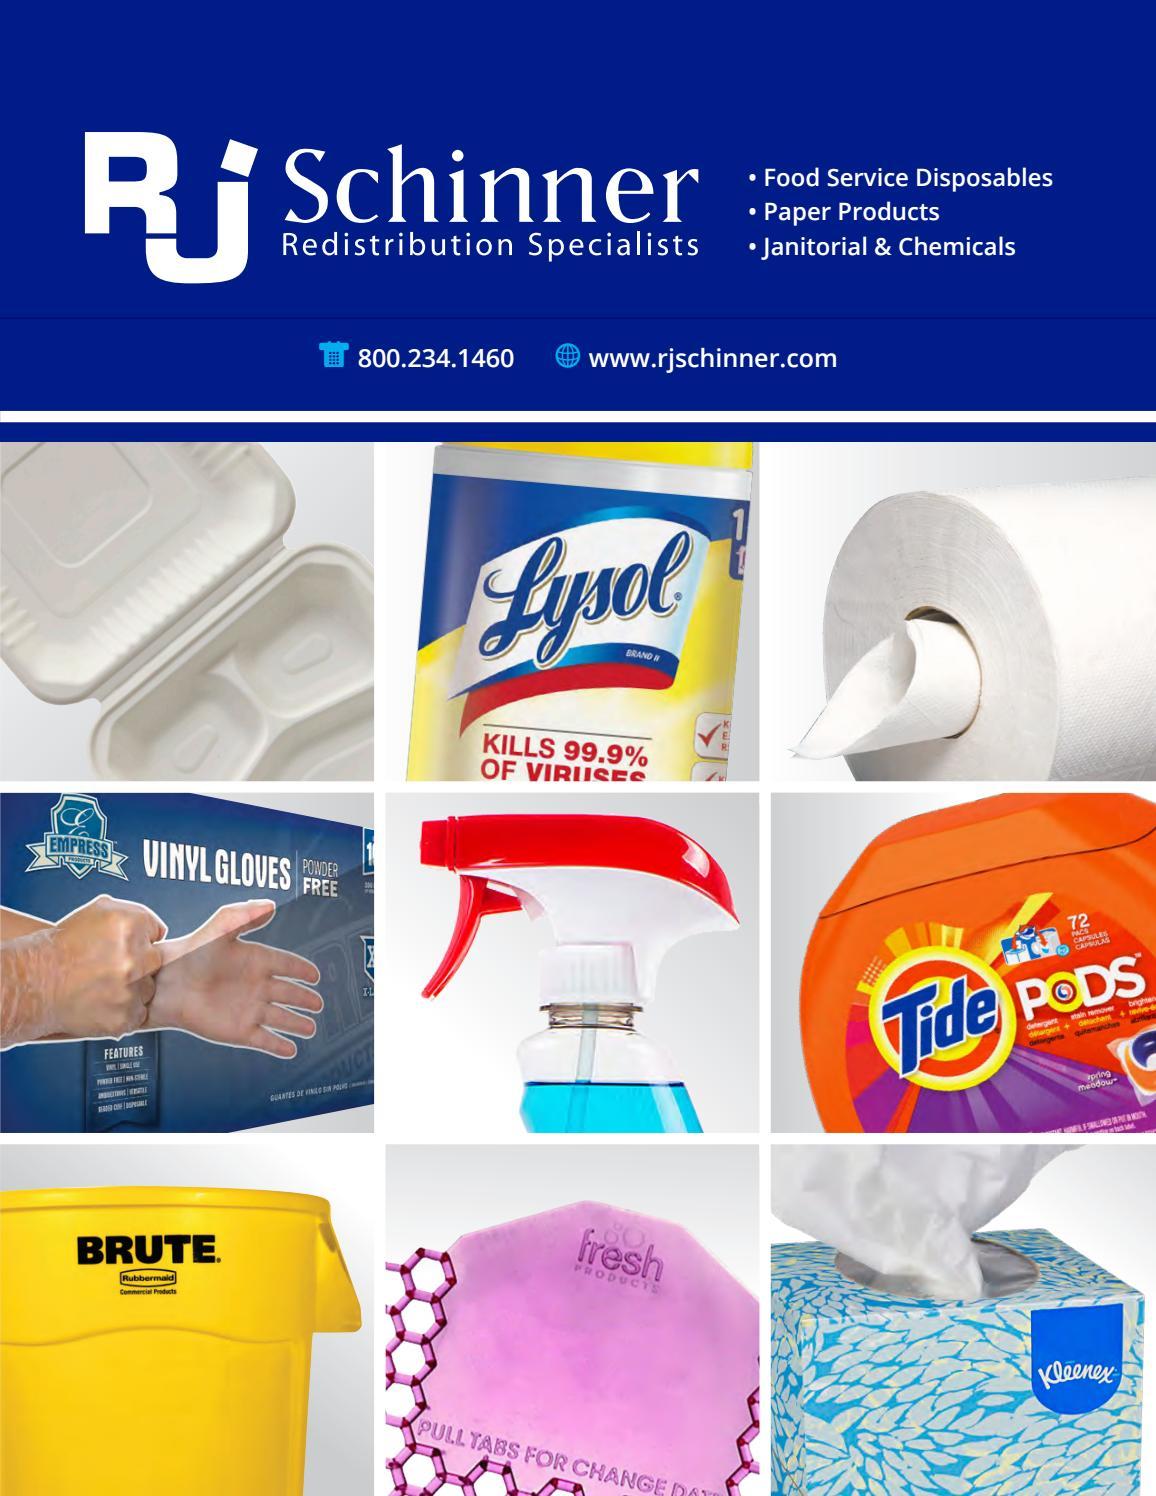 rj schinner full line catalog by ram